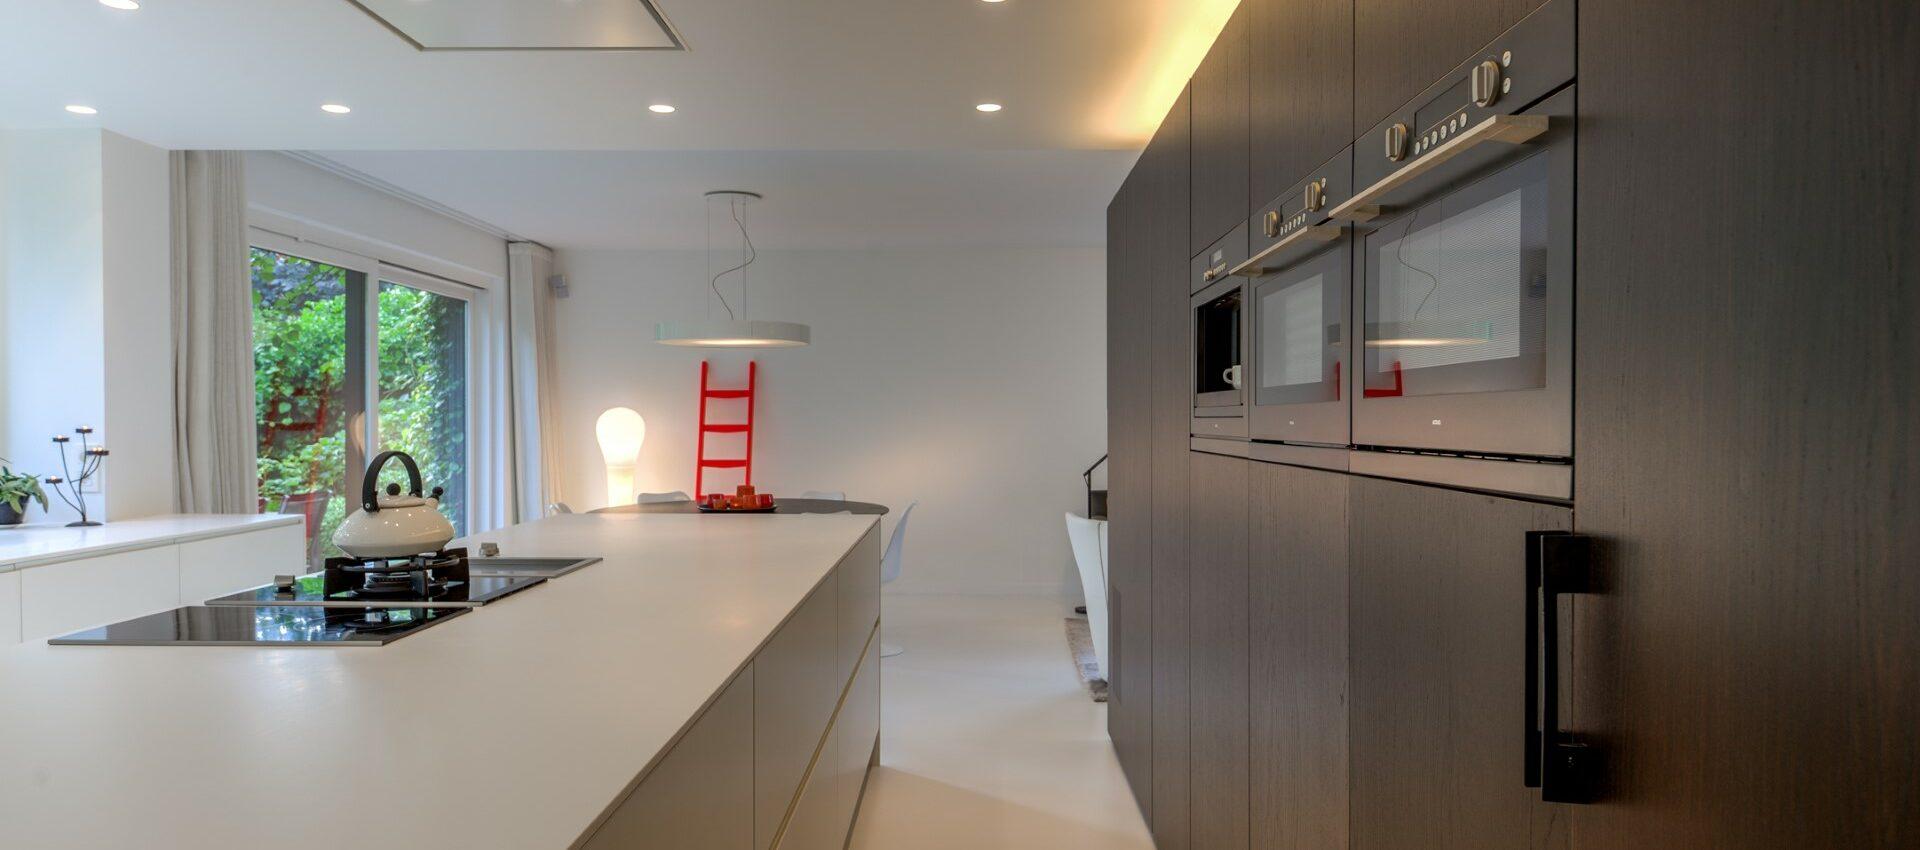 hus-interieur-shinokki-keuken